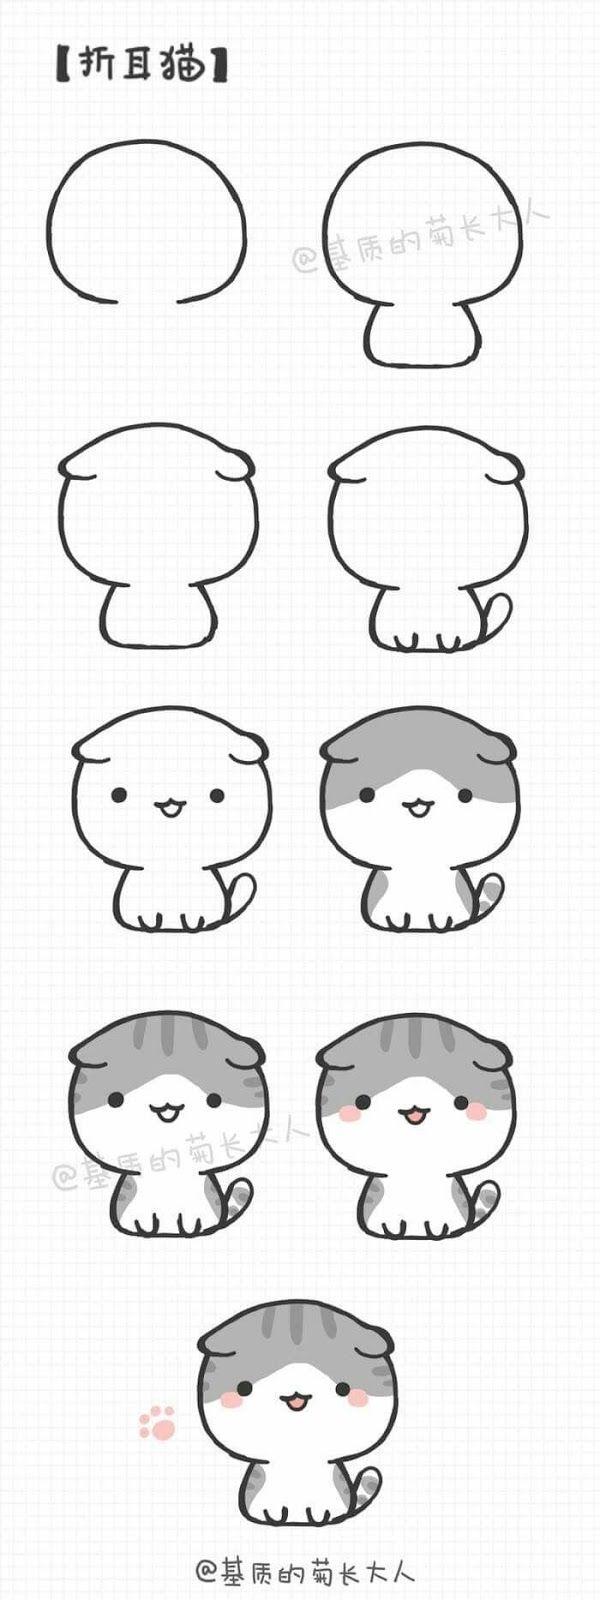 Como Dibujar Personales Kawaii Paso A Paso El Como De Las Cosas Dibujos Kawaii Como Dibujar Un Gato Dibujos Kawaii Faciles